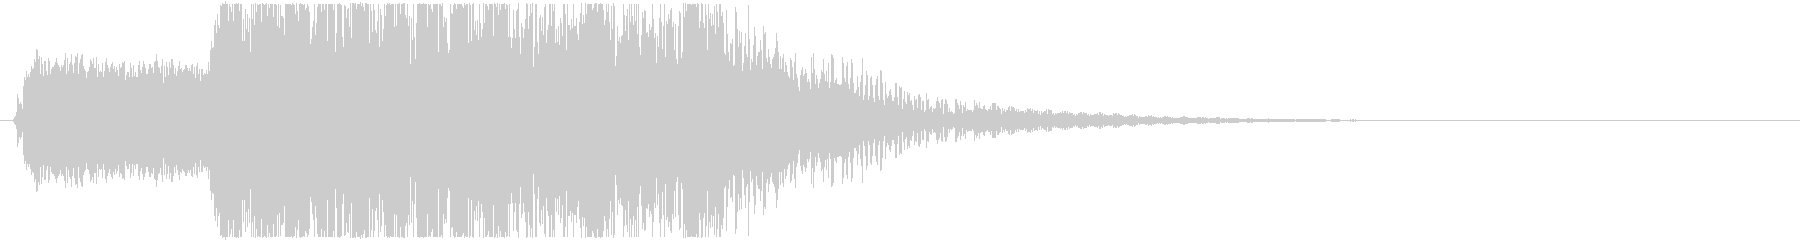 生演奏メタルなアイキャッチ20 デス声入の未再生の波形